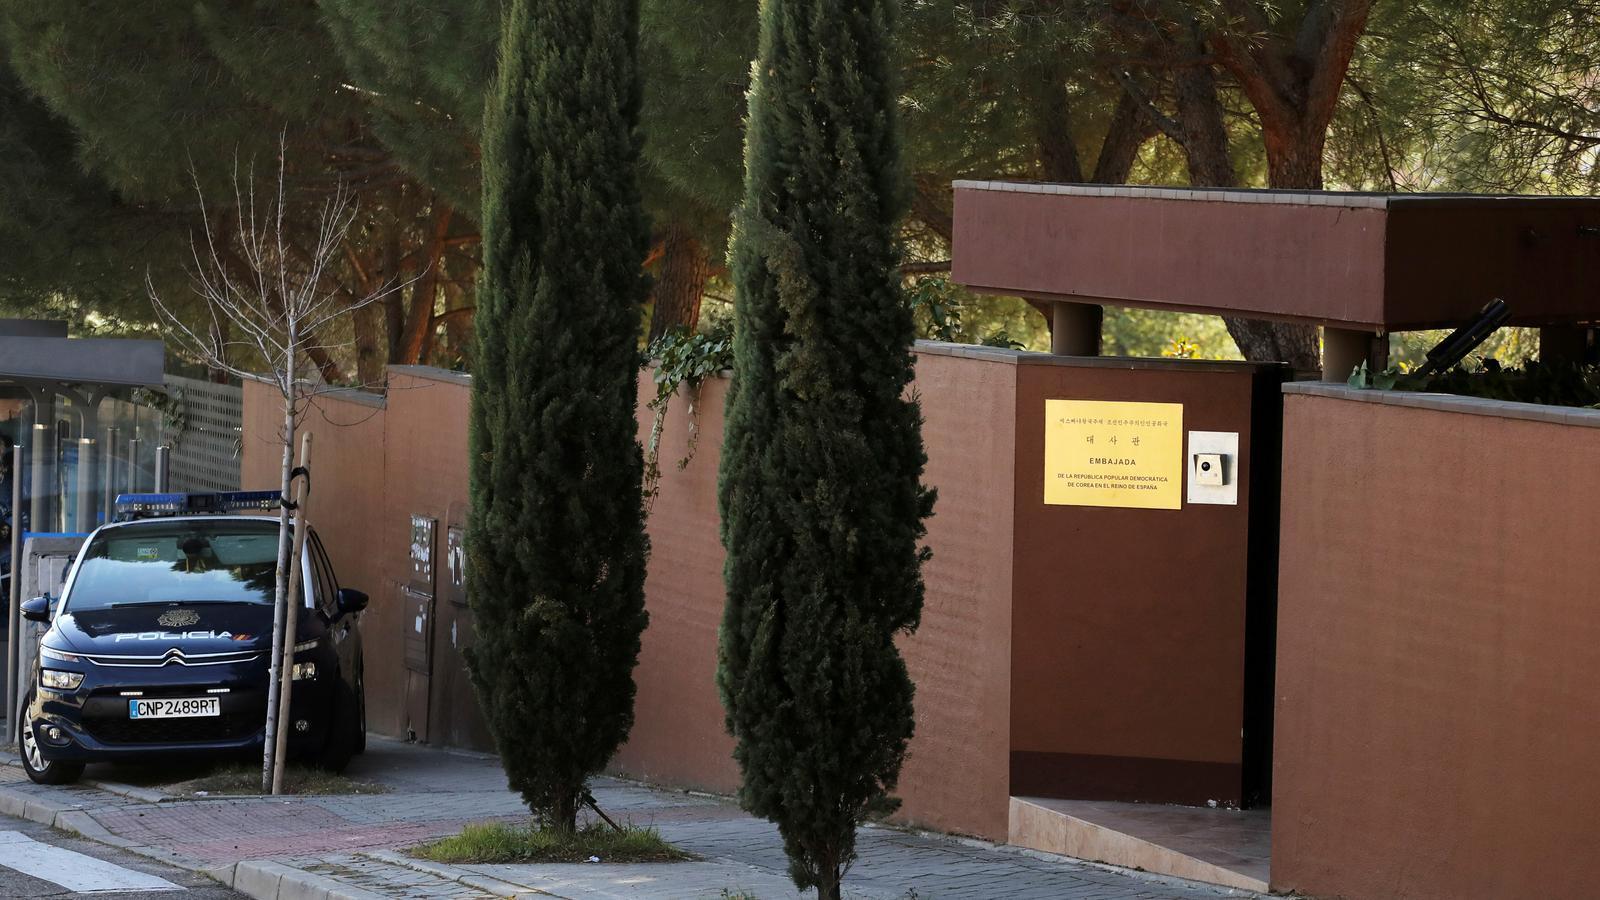 L'assalt a l'ambaixada nord-coreana a Madrid el va liderar un mexicà que va contactar després amb l'FBI